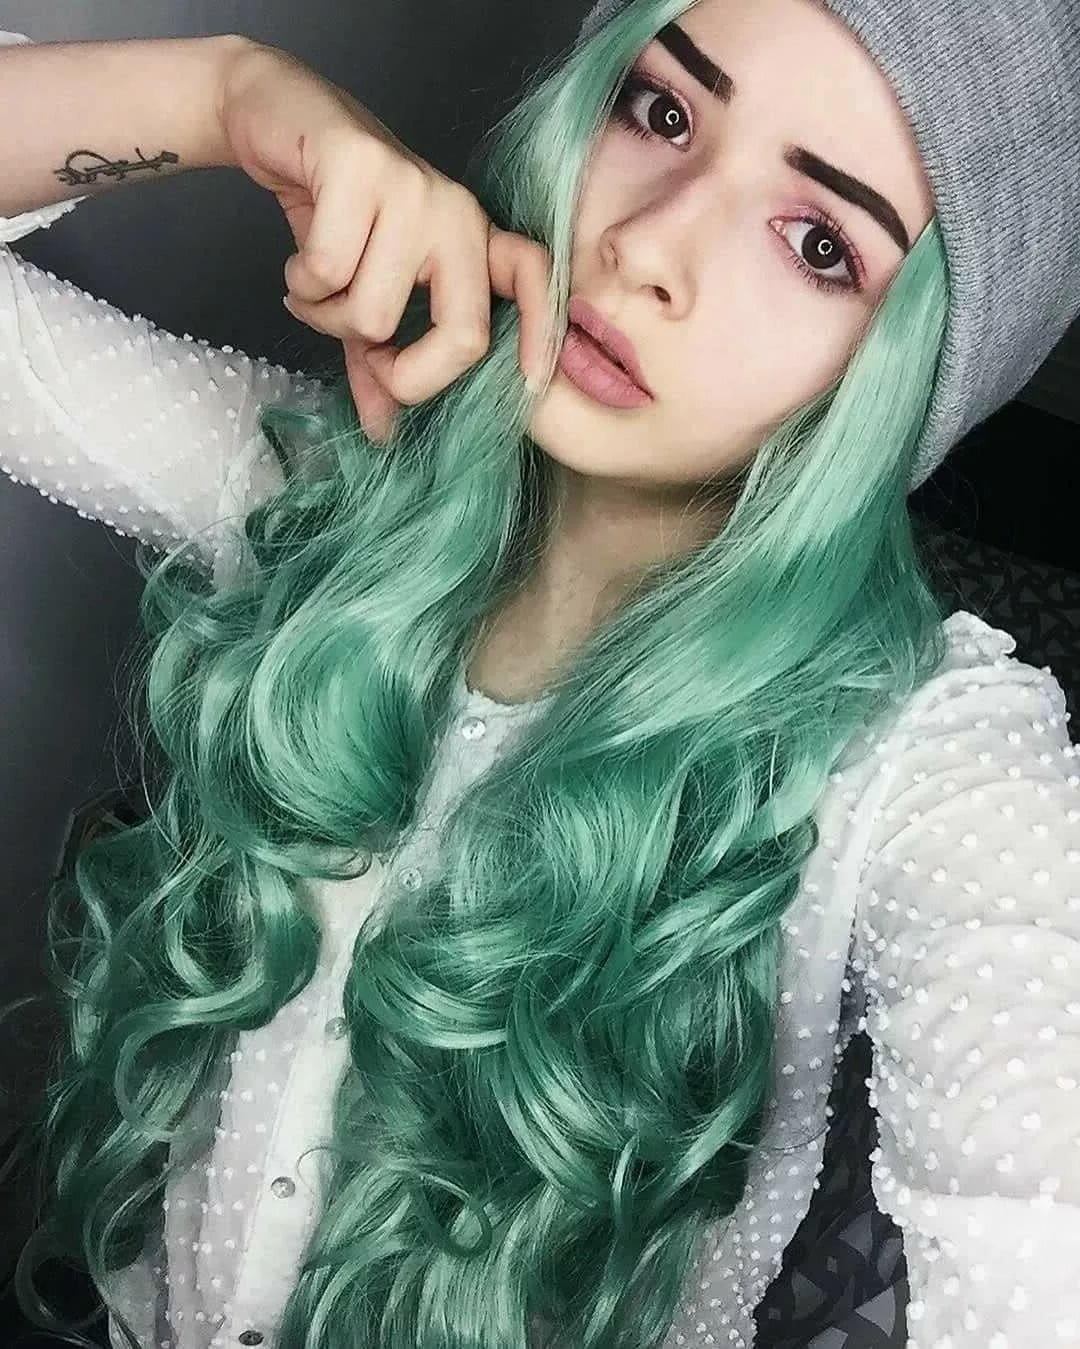 мятный цвет волос картинки дольменов так